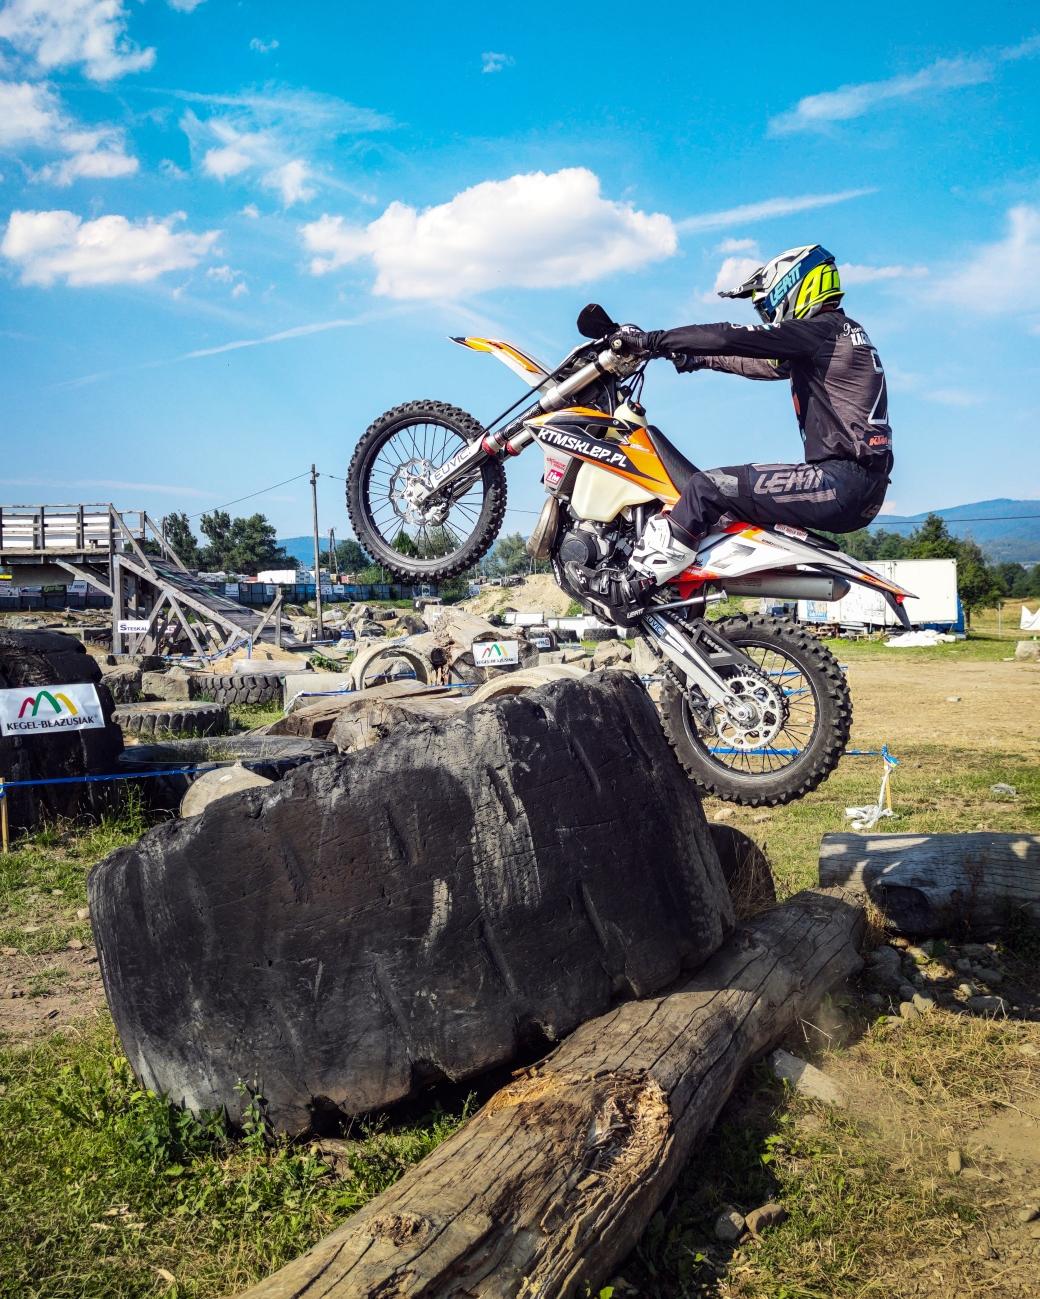 przemek-kaczmarczyk-treningi-enduro-wyprawy-motocyklowe